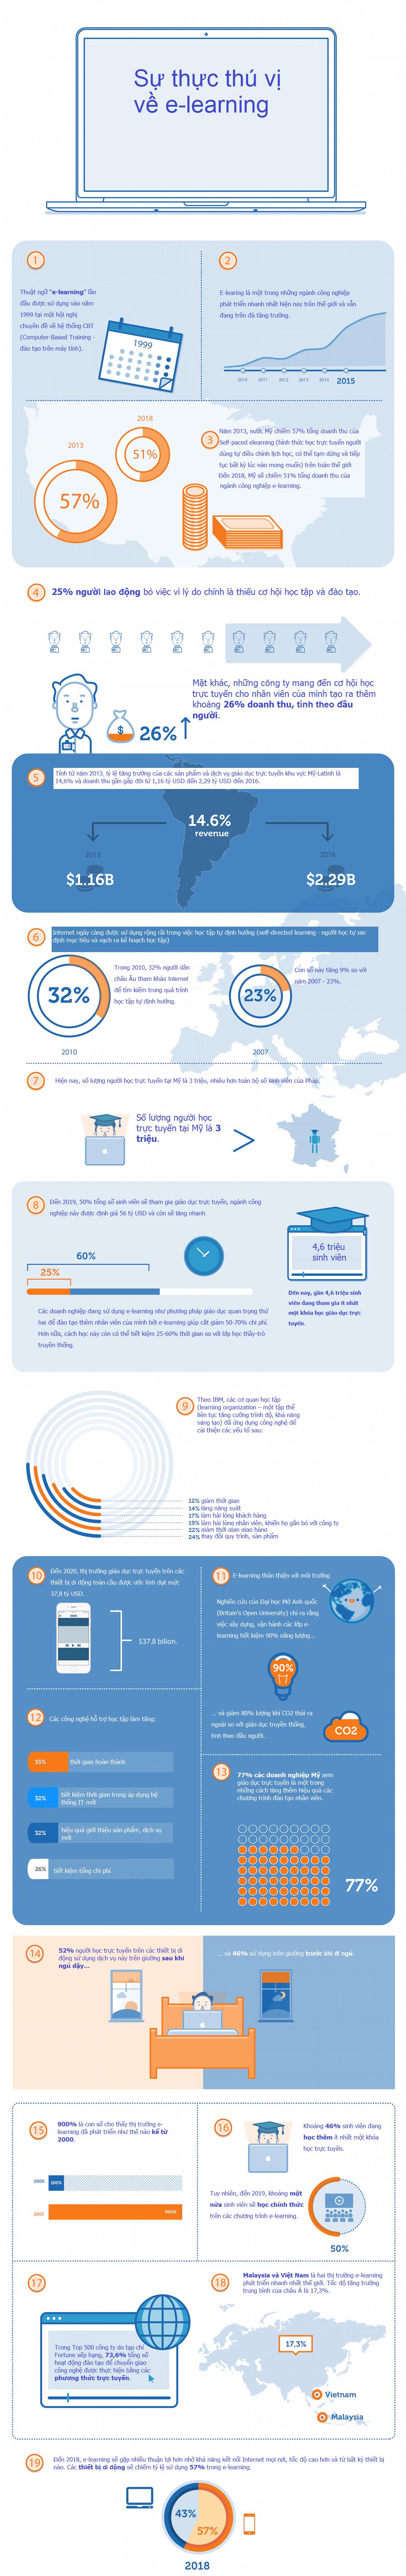 Giáo dục trực tuyến - ngành công nghiệp tỷ đô của thế giới